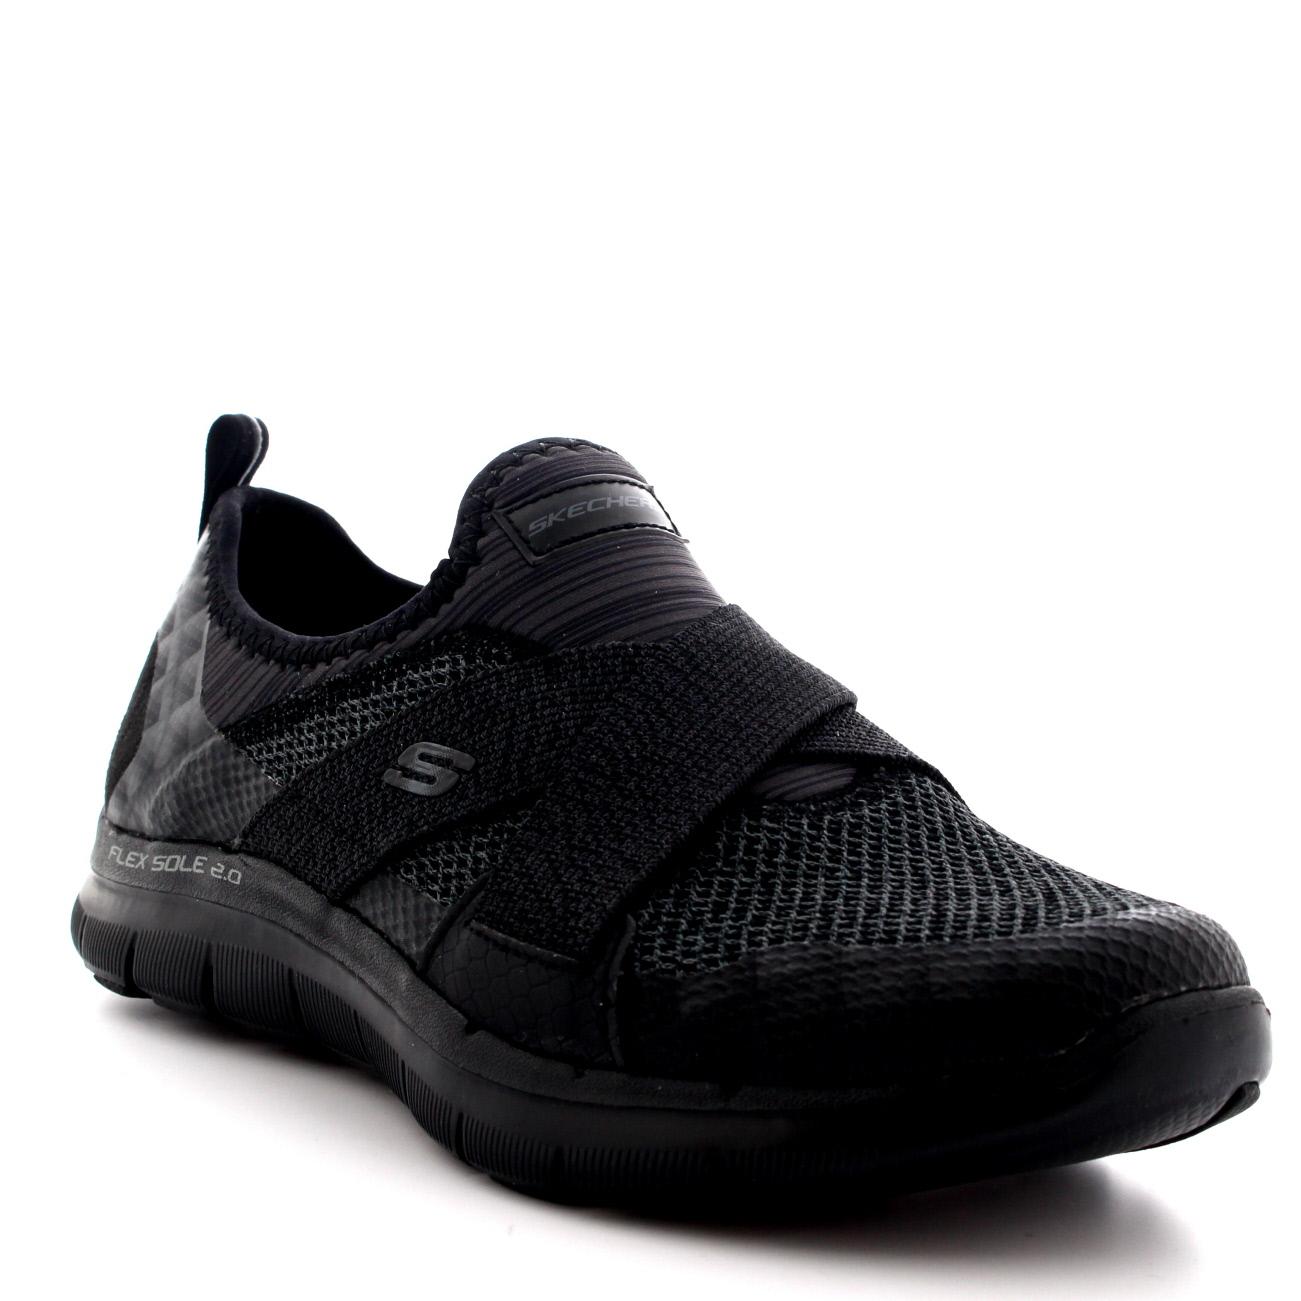 New Womens Skechers Slip On Sneakers Memory Foam 6